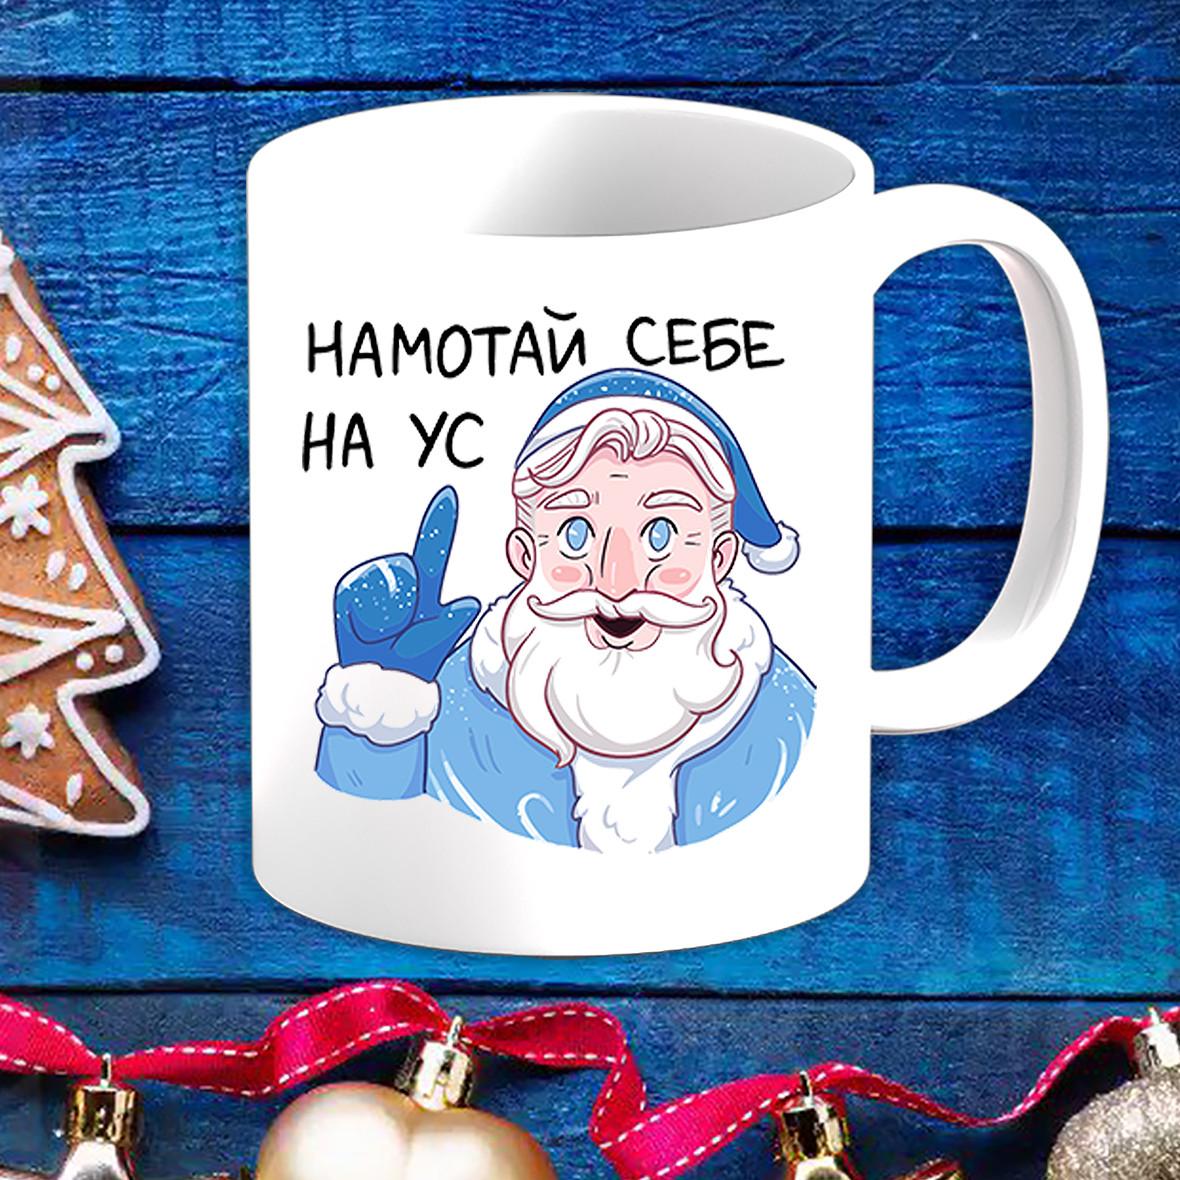 """Белая кружка (чашка) с новогодним принтом Дед Мороз """"Намотай себе на ус"""""""